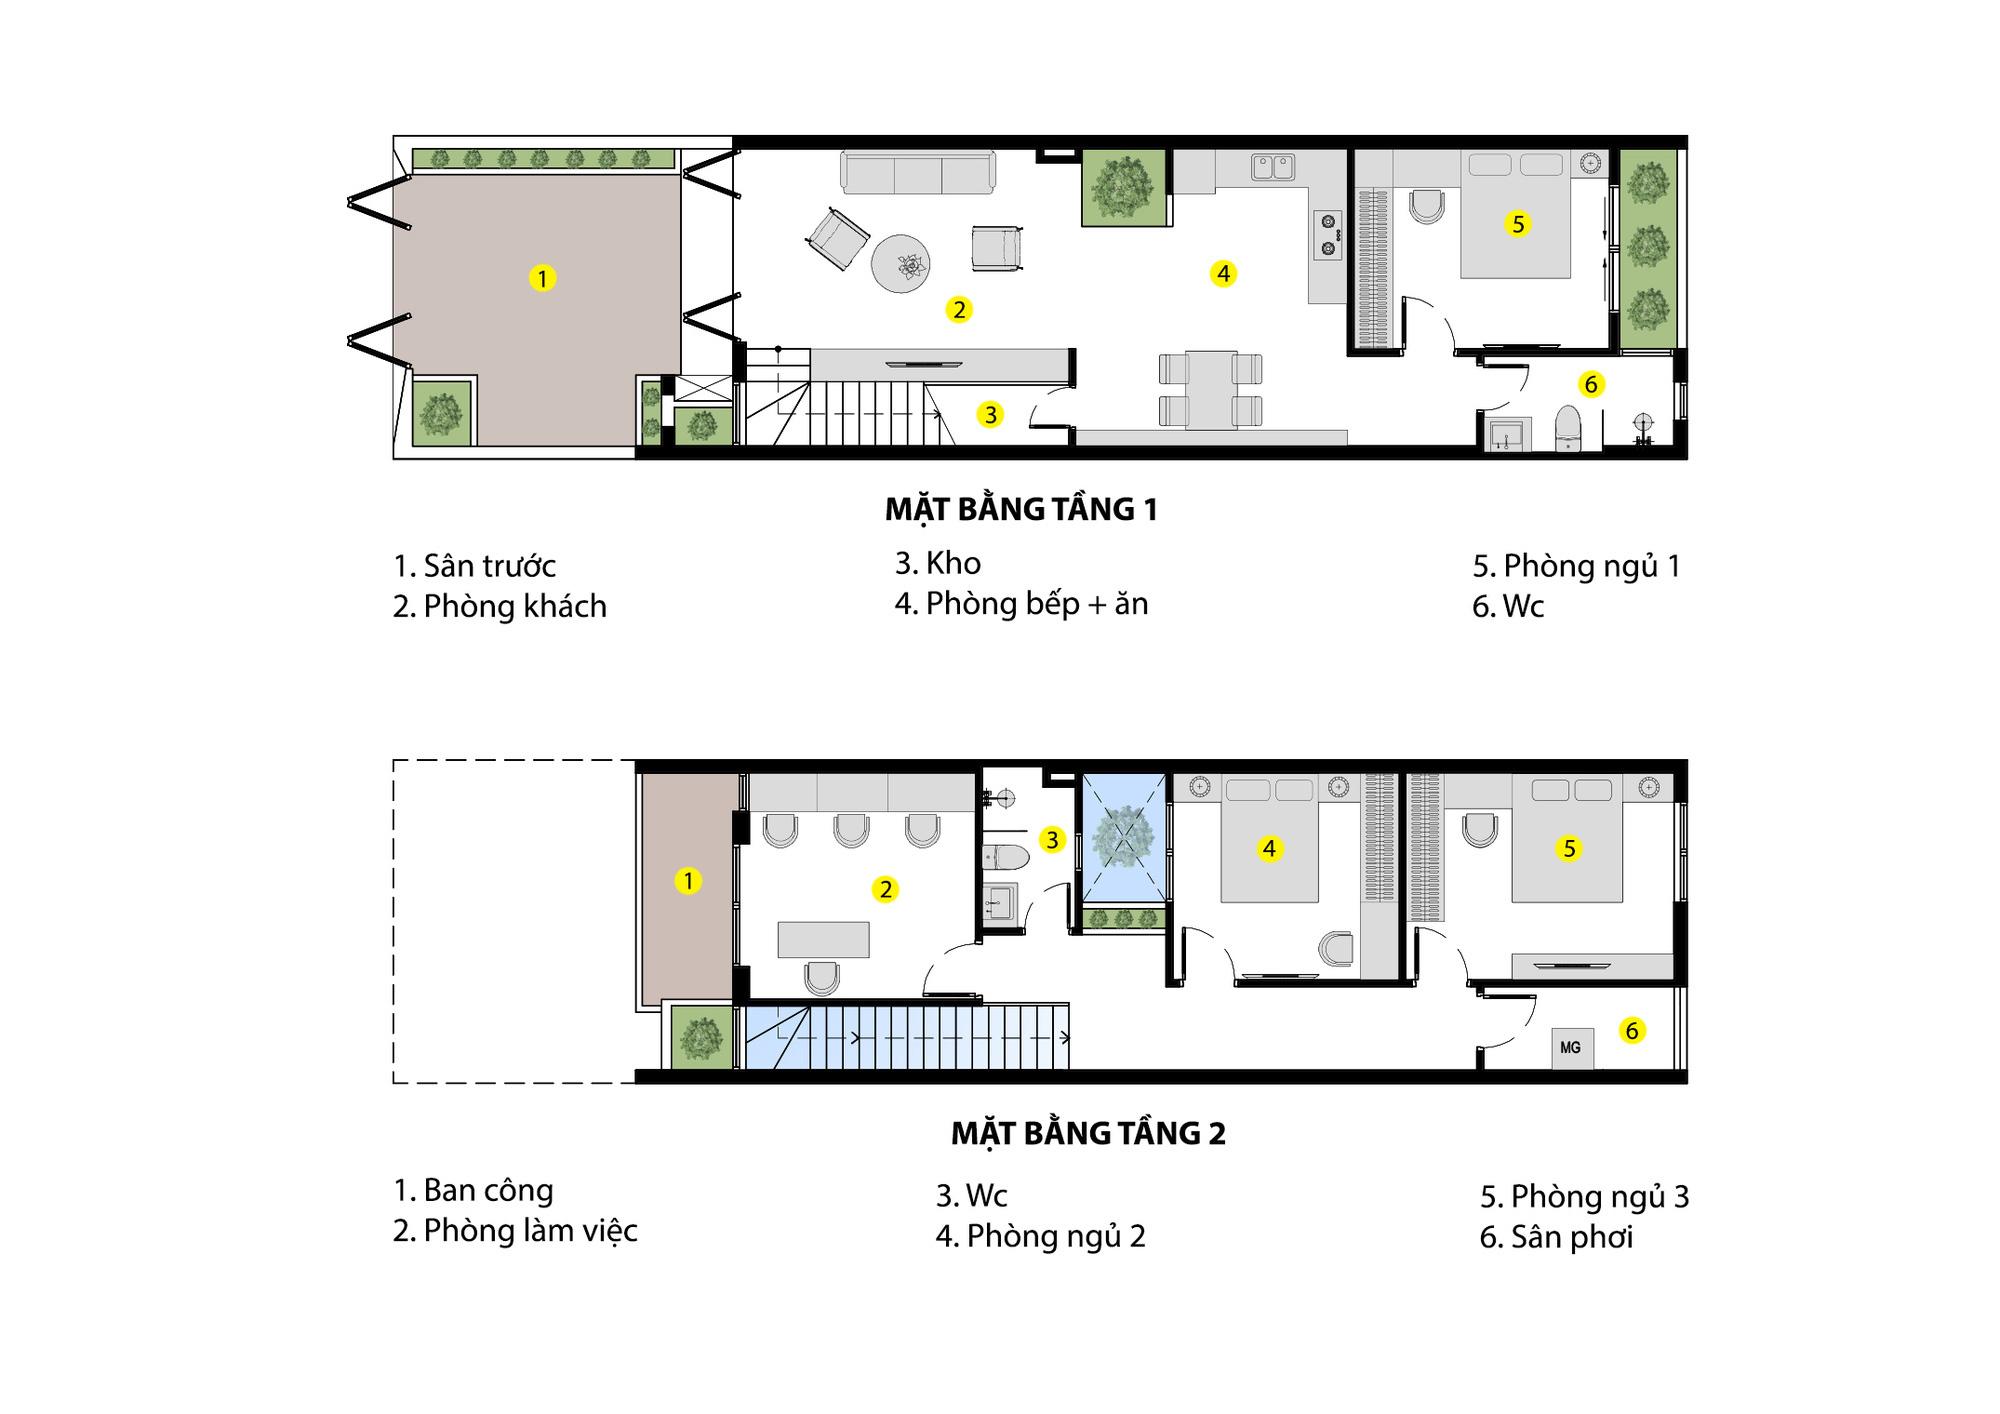 Nhà phố 2 tầng rộng 100m2 được thiết kế ấn tượng với khoảng thông tầng nhiều ánh sáng có chi phí 1,4 tỷ ở Đà Nẵng - Ảnh 2.